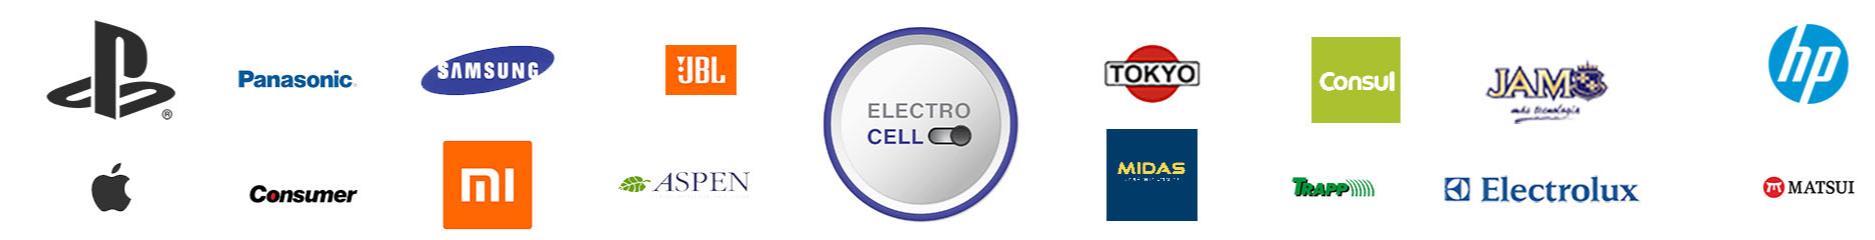 Portada de Electrocell